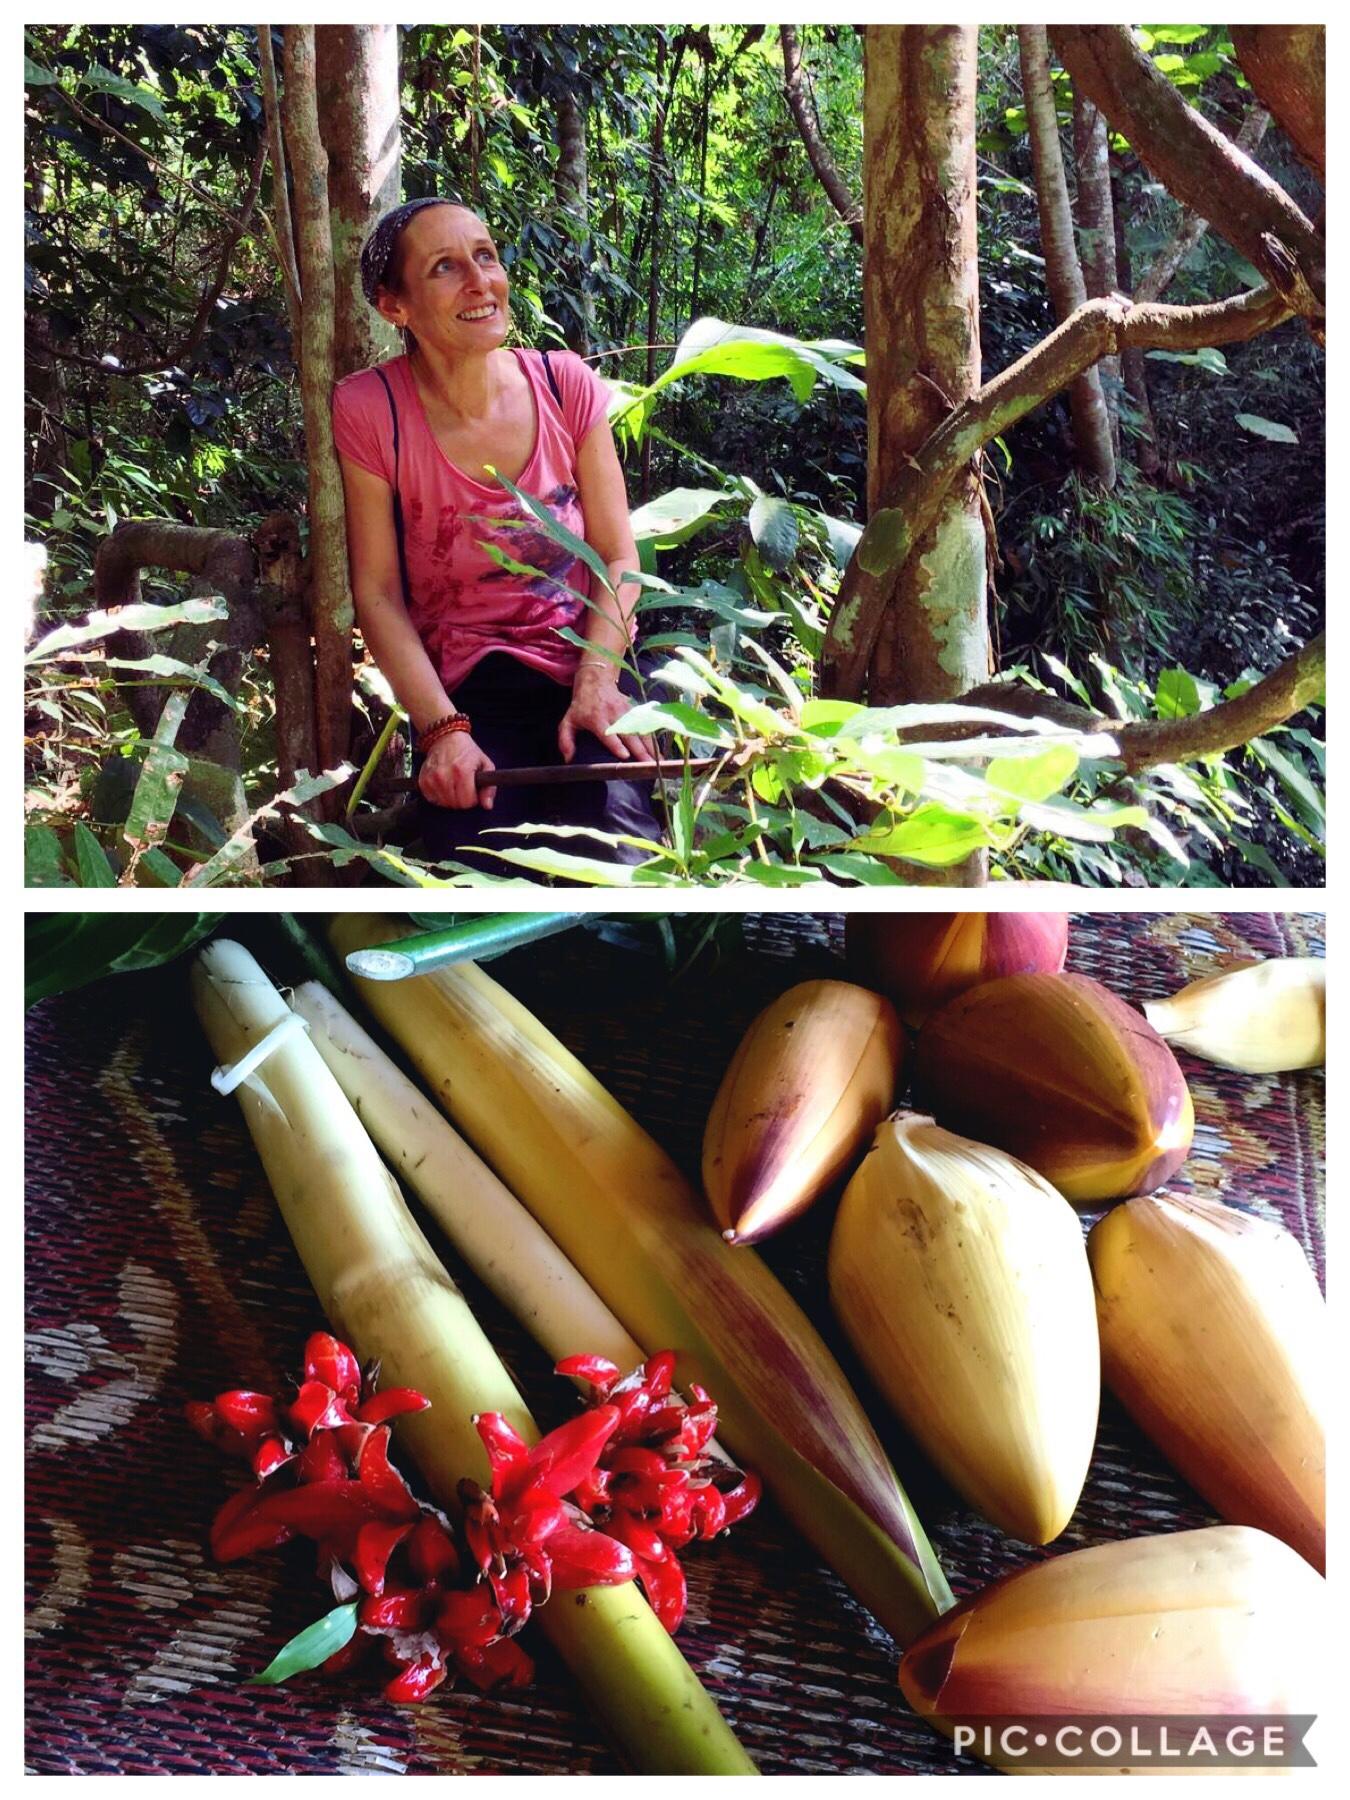 Sortie en jungle et cueillette de végétaux comestibles (fleurs de bananiers, fleurs, plantes et pousses de bambou)-Province de Chiang Rai-Thailande du nord